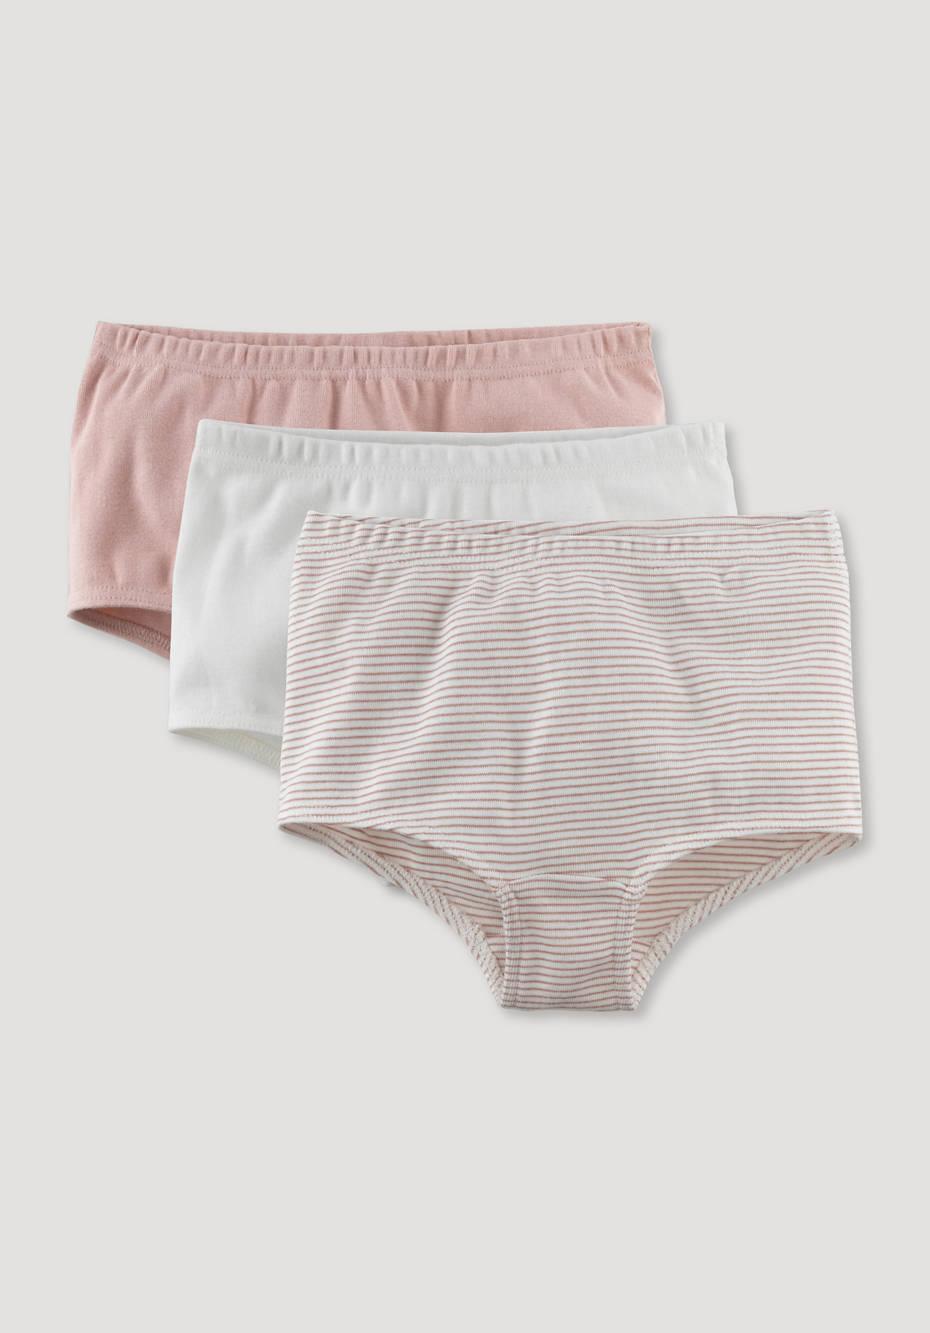 Panty im 3er-Set aus reiner Bio-Baumwolle